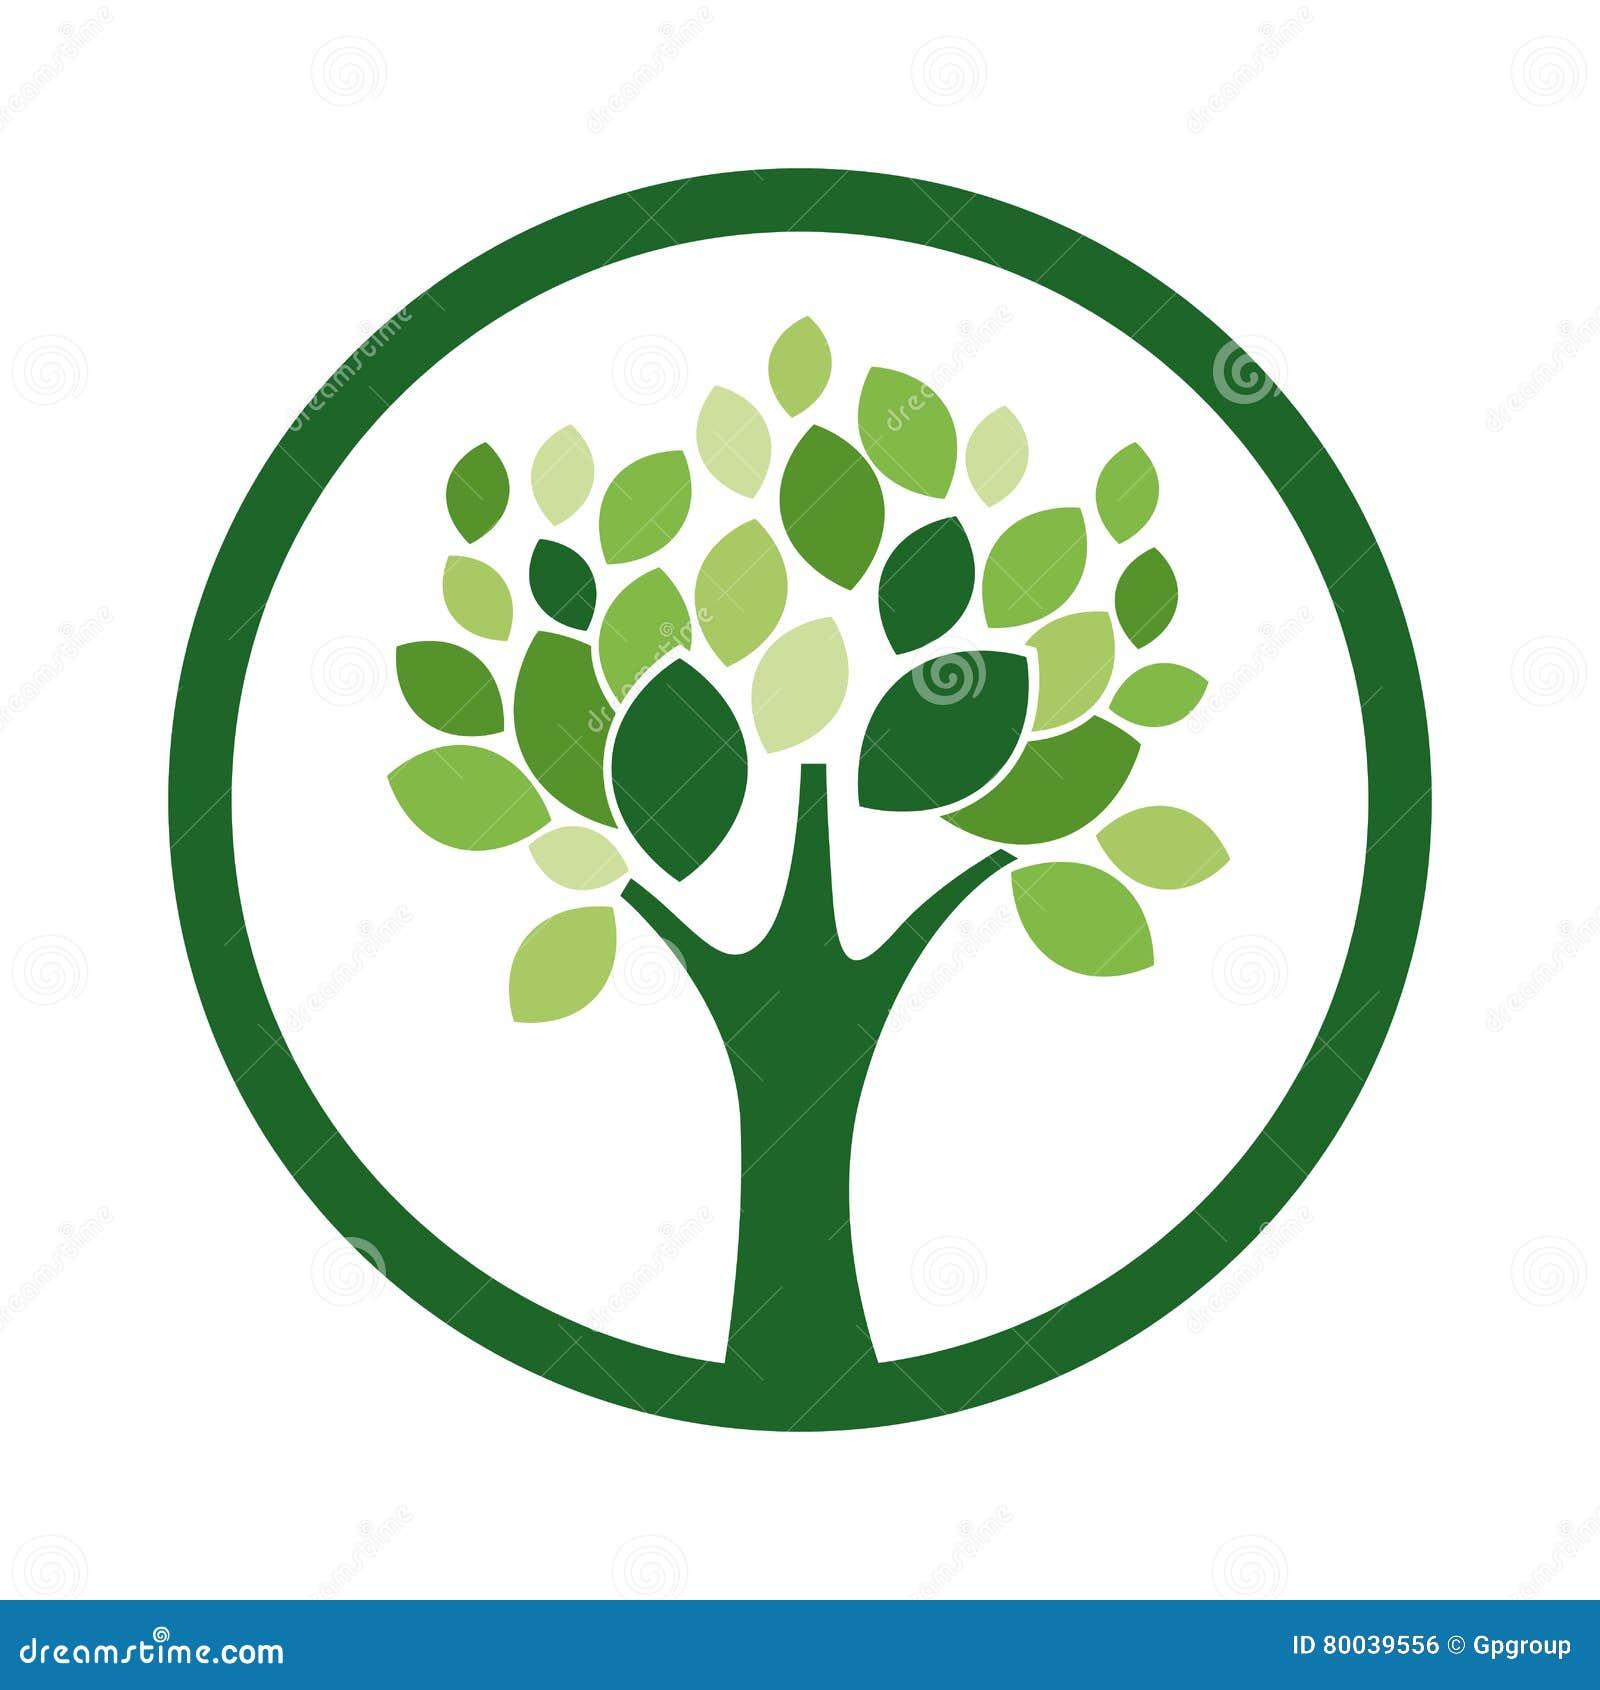 有叶子v叶子的树植物天正结构里面绘制负筋怎么设置弯钩图片